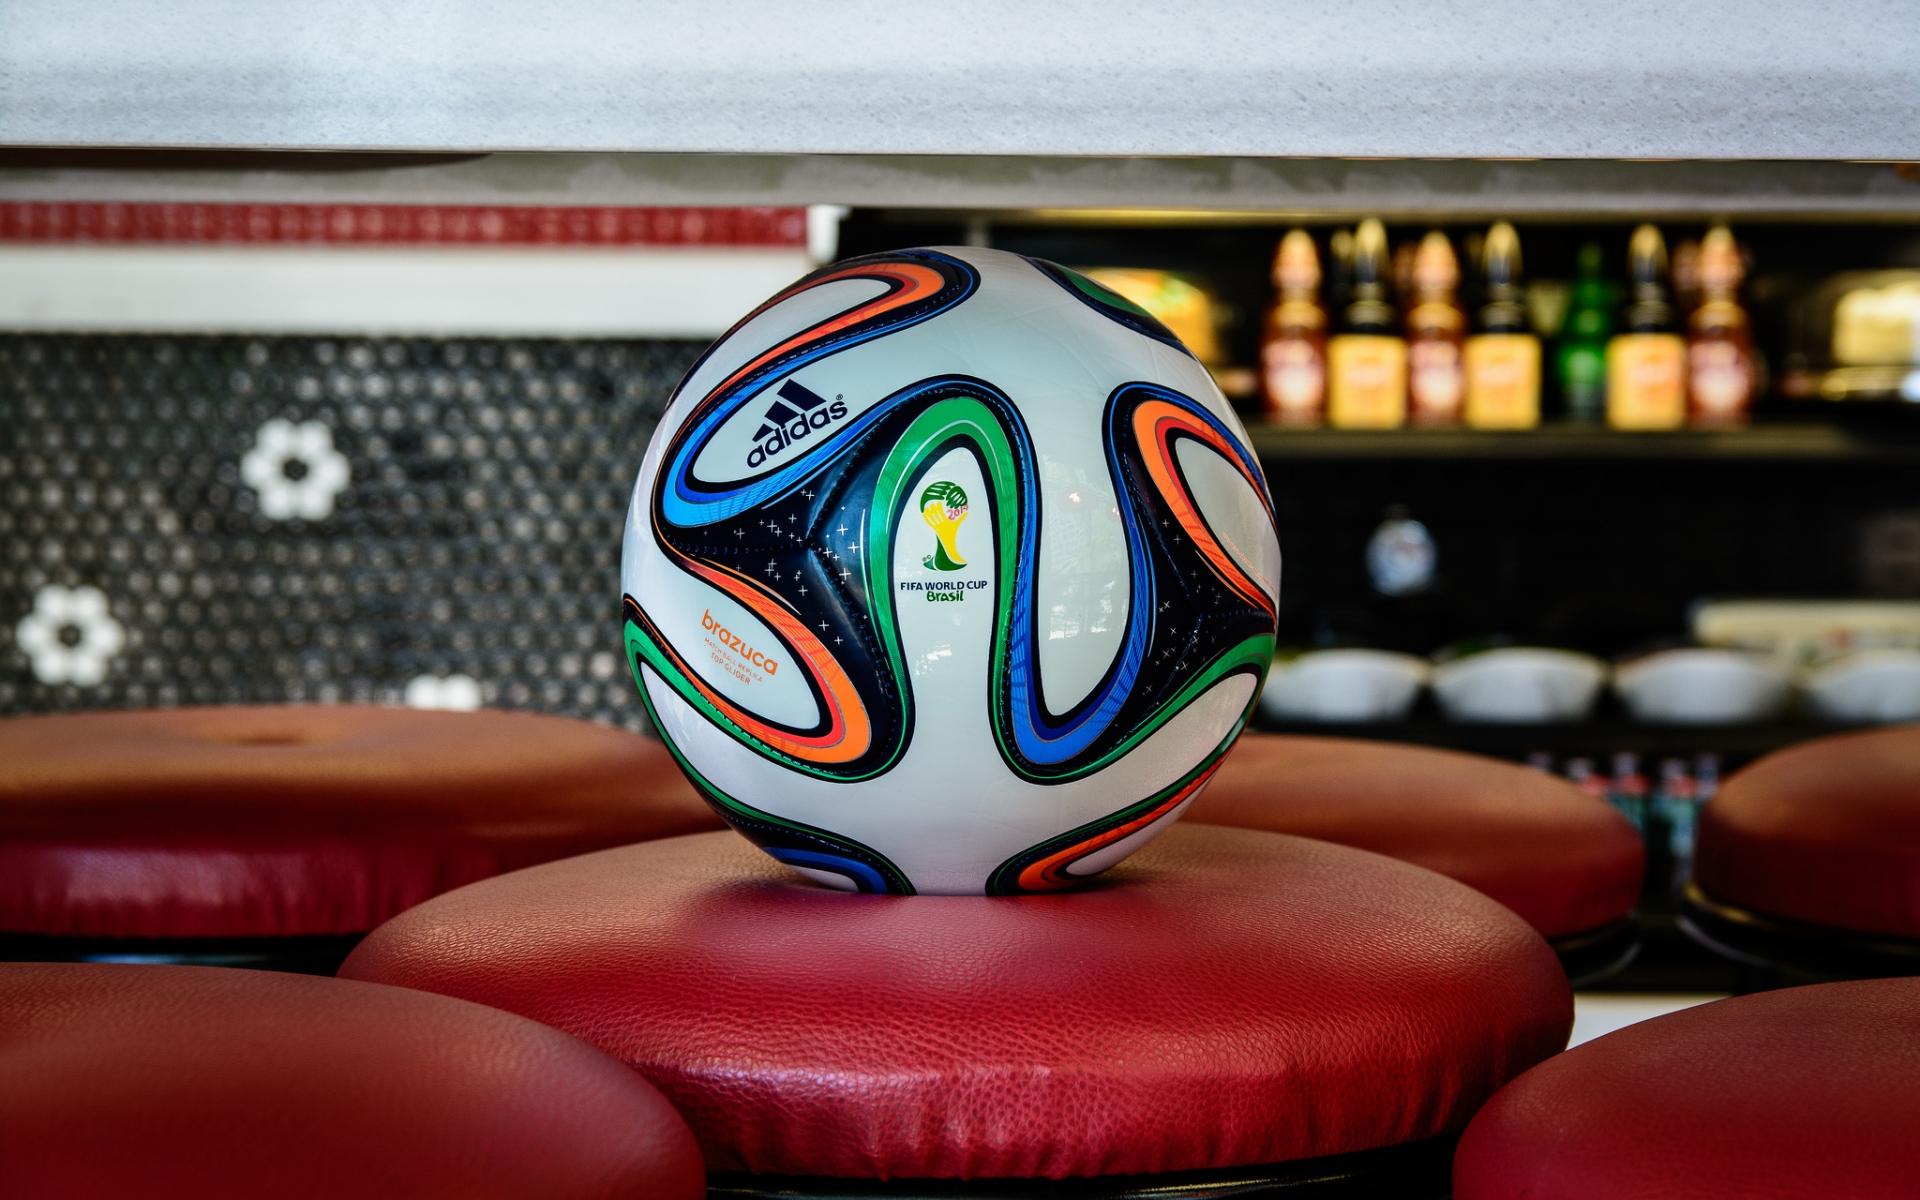 El nuevo balón para el Mundial - 1920x1200